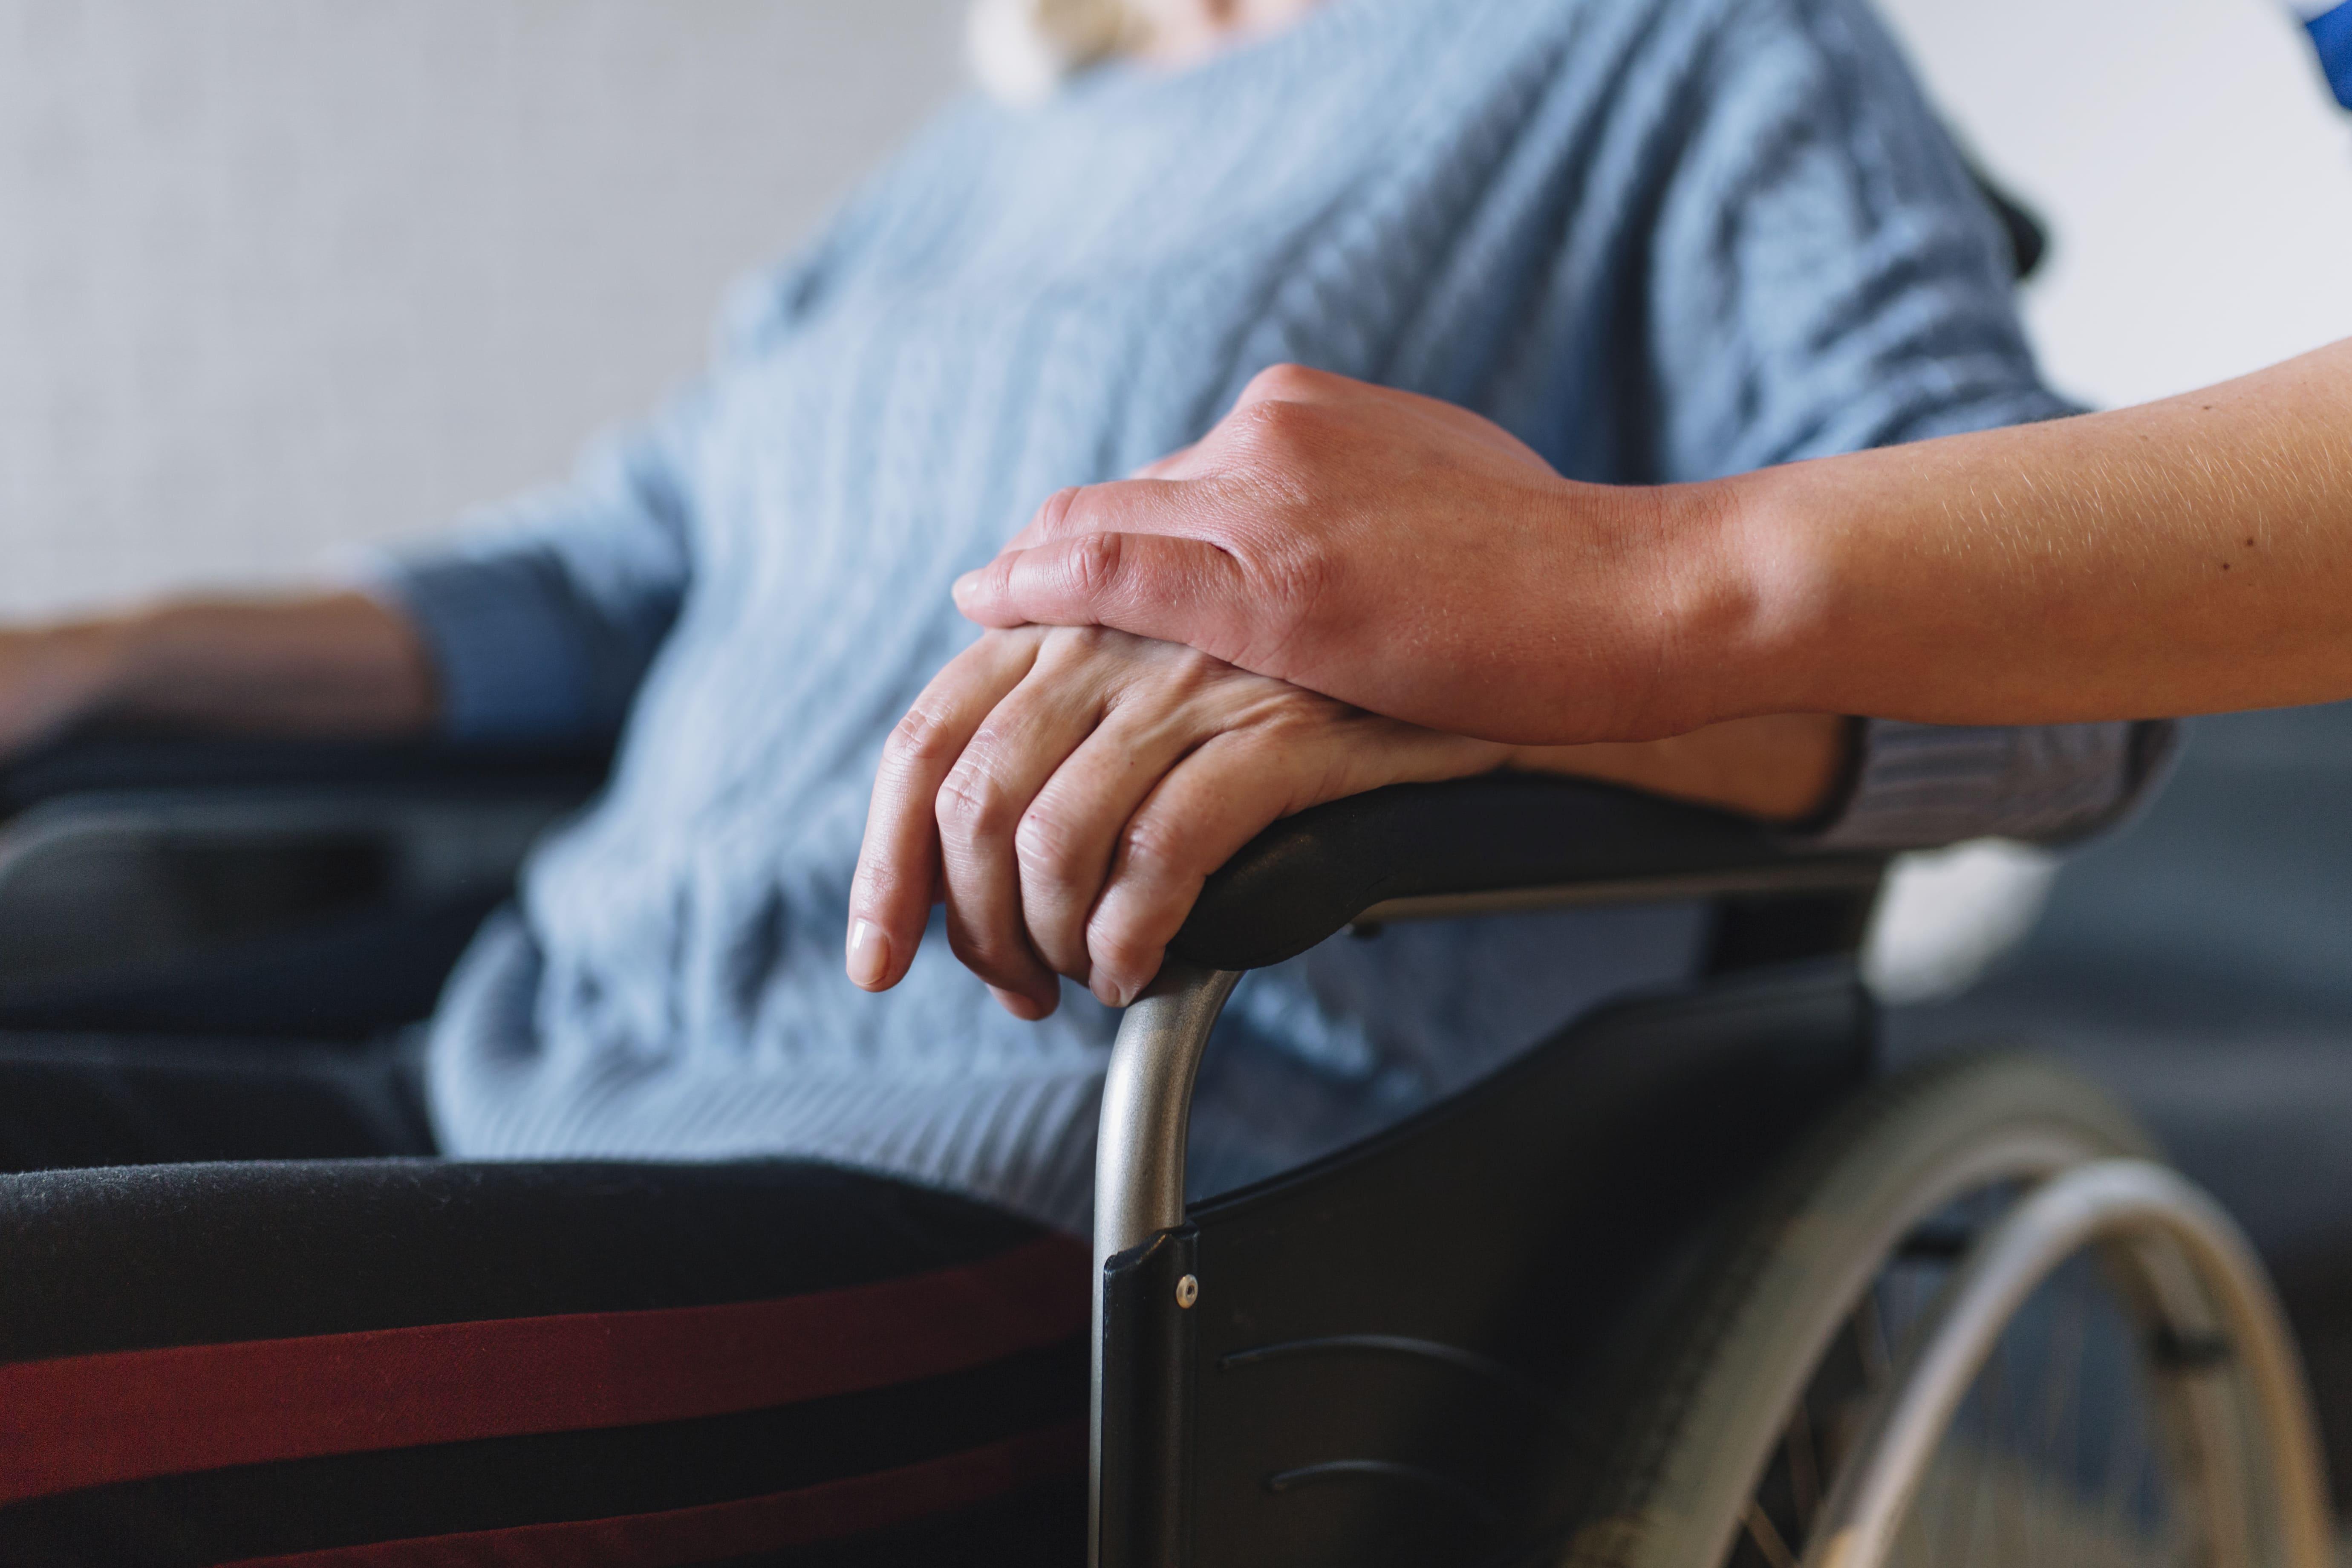 Secretaria da Assistência Social está recebendo currículos de pessoas com deficiência